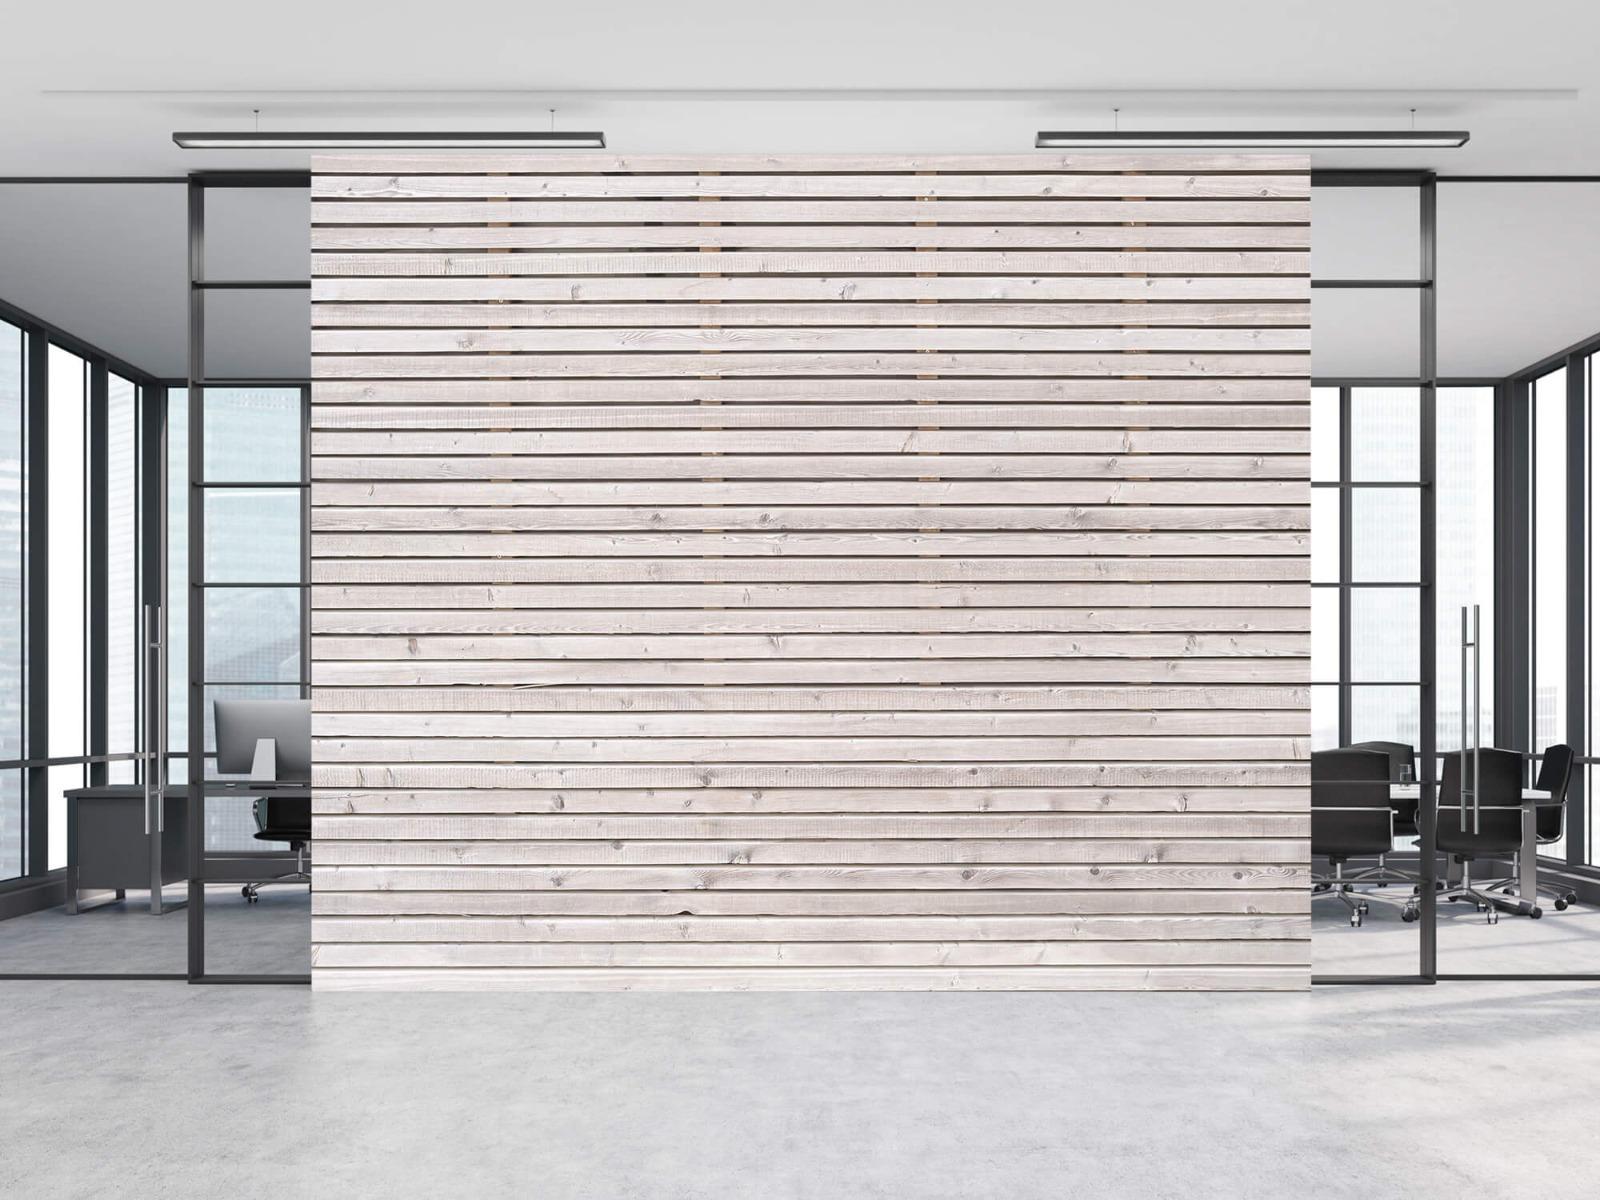 Hout behang - Horizontale planken - Wallexclusive - Woonkamer 10